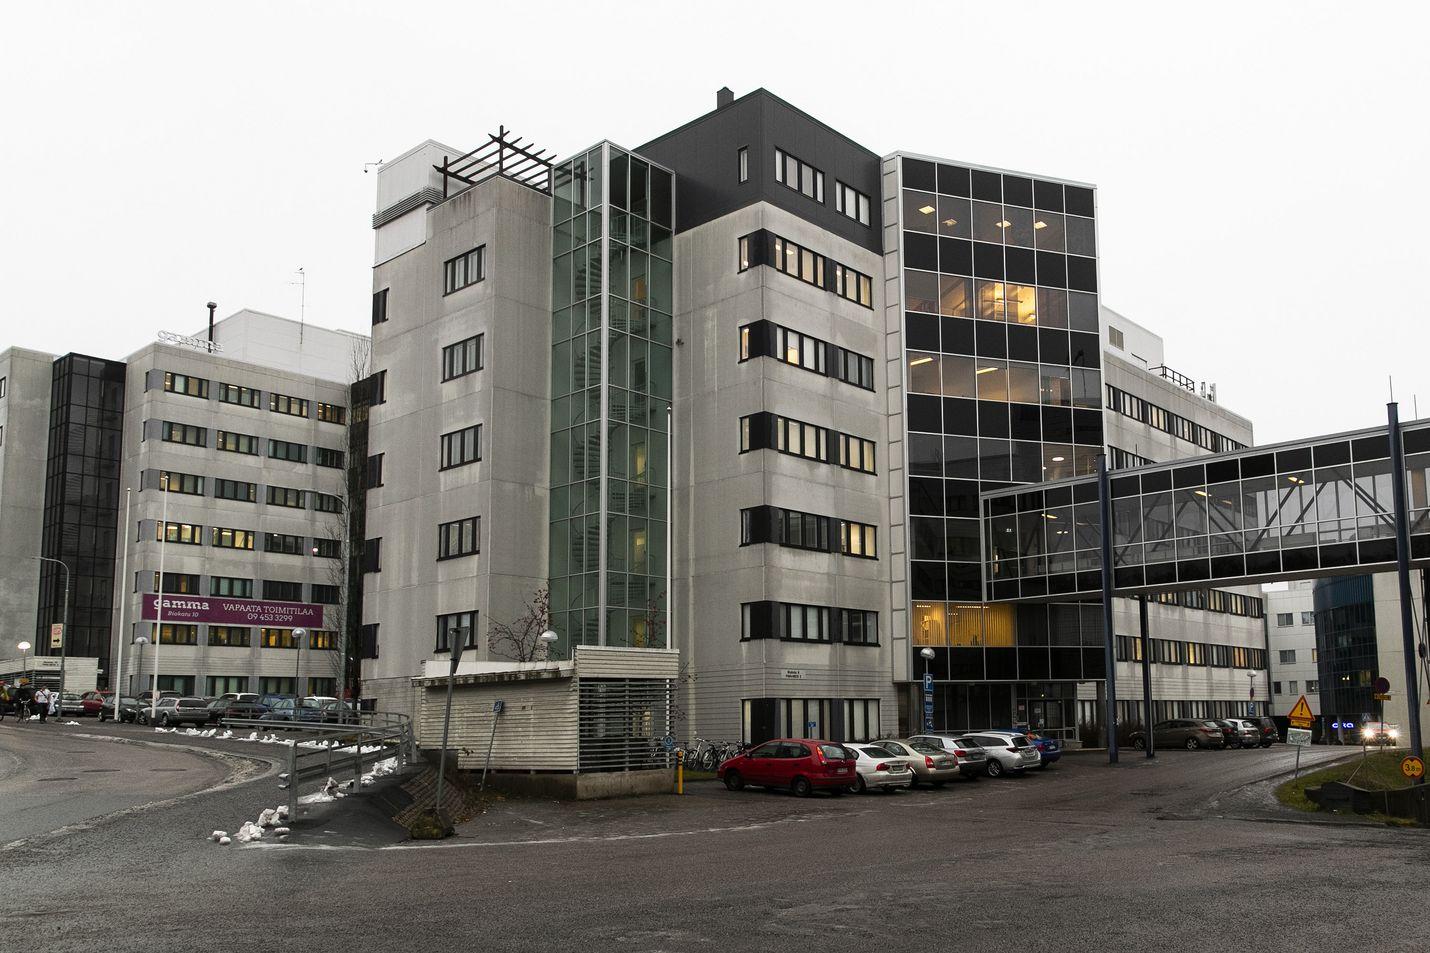 Useille poliisilaitoksille virka-apua antava lasten oikeuspsykiatrian yksikkö toimii Tampereen yliopistollisessa sairaalassa.